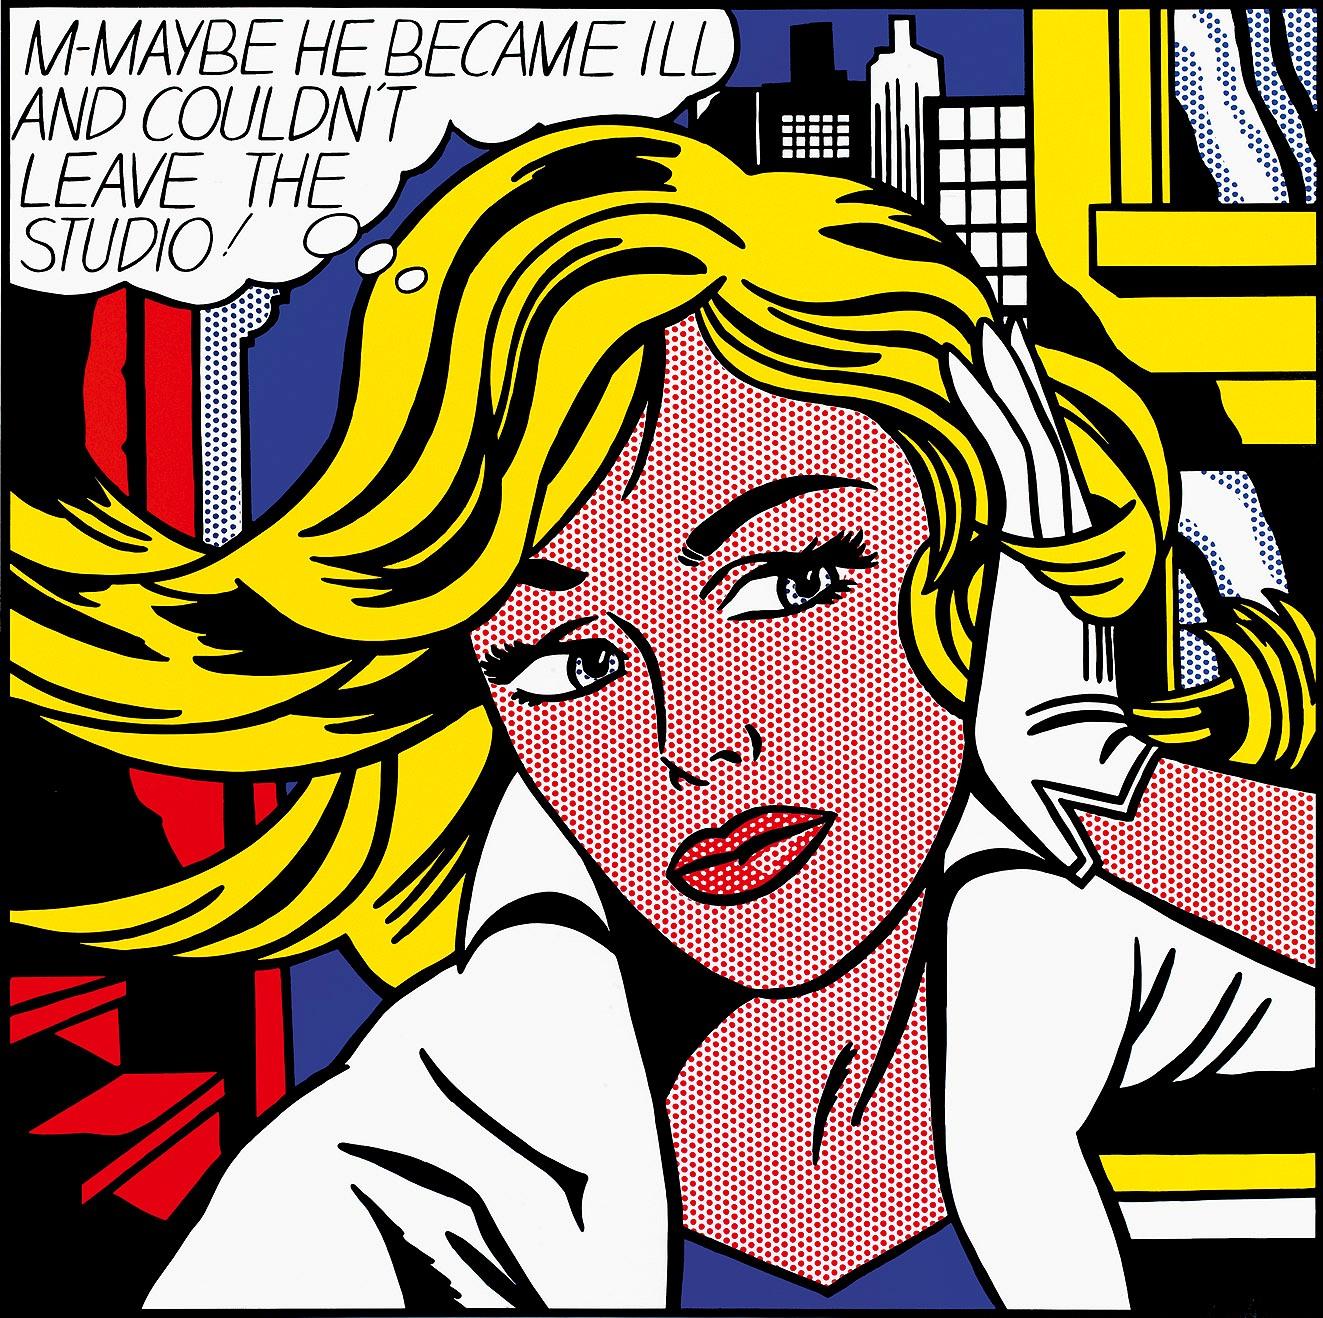 """Résultat de recherche d'images pour """"m-maybe roy lichtenstein"""""""